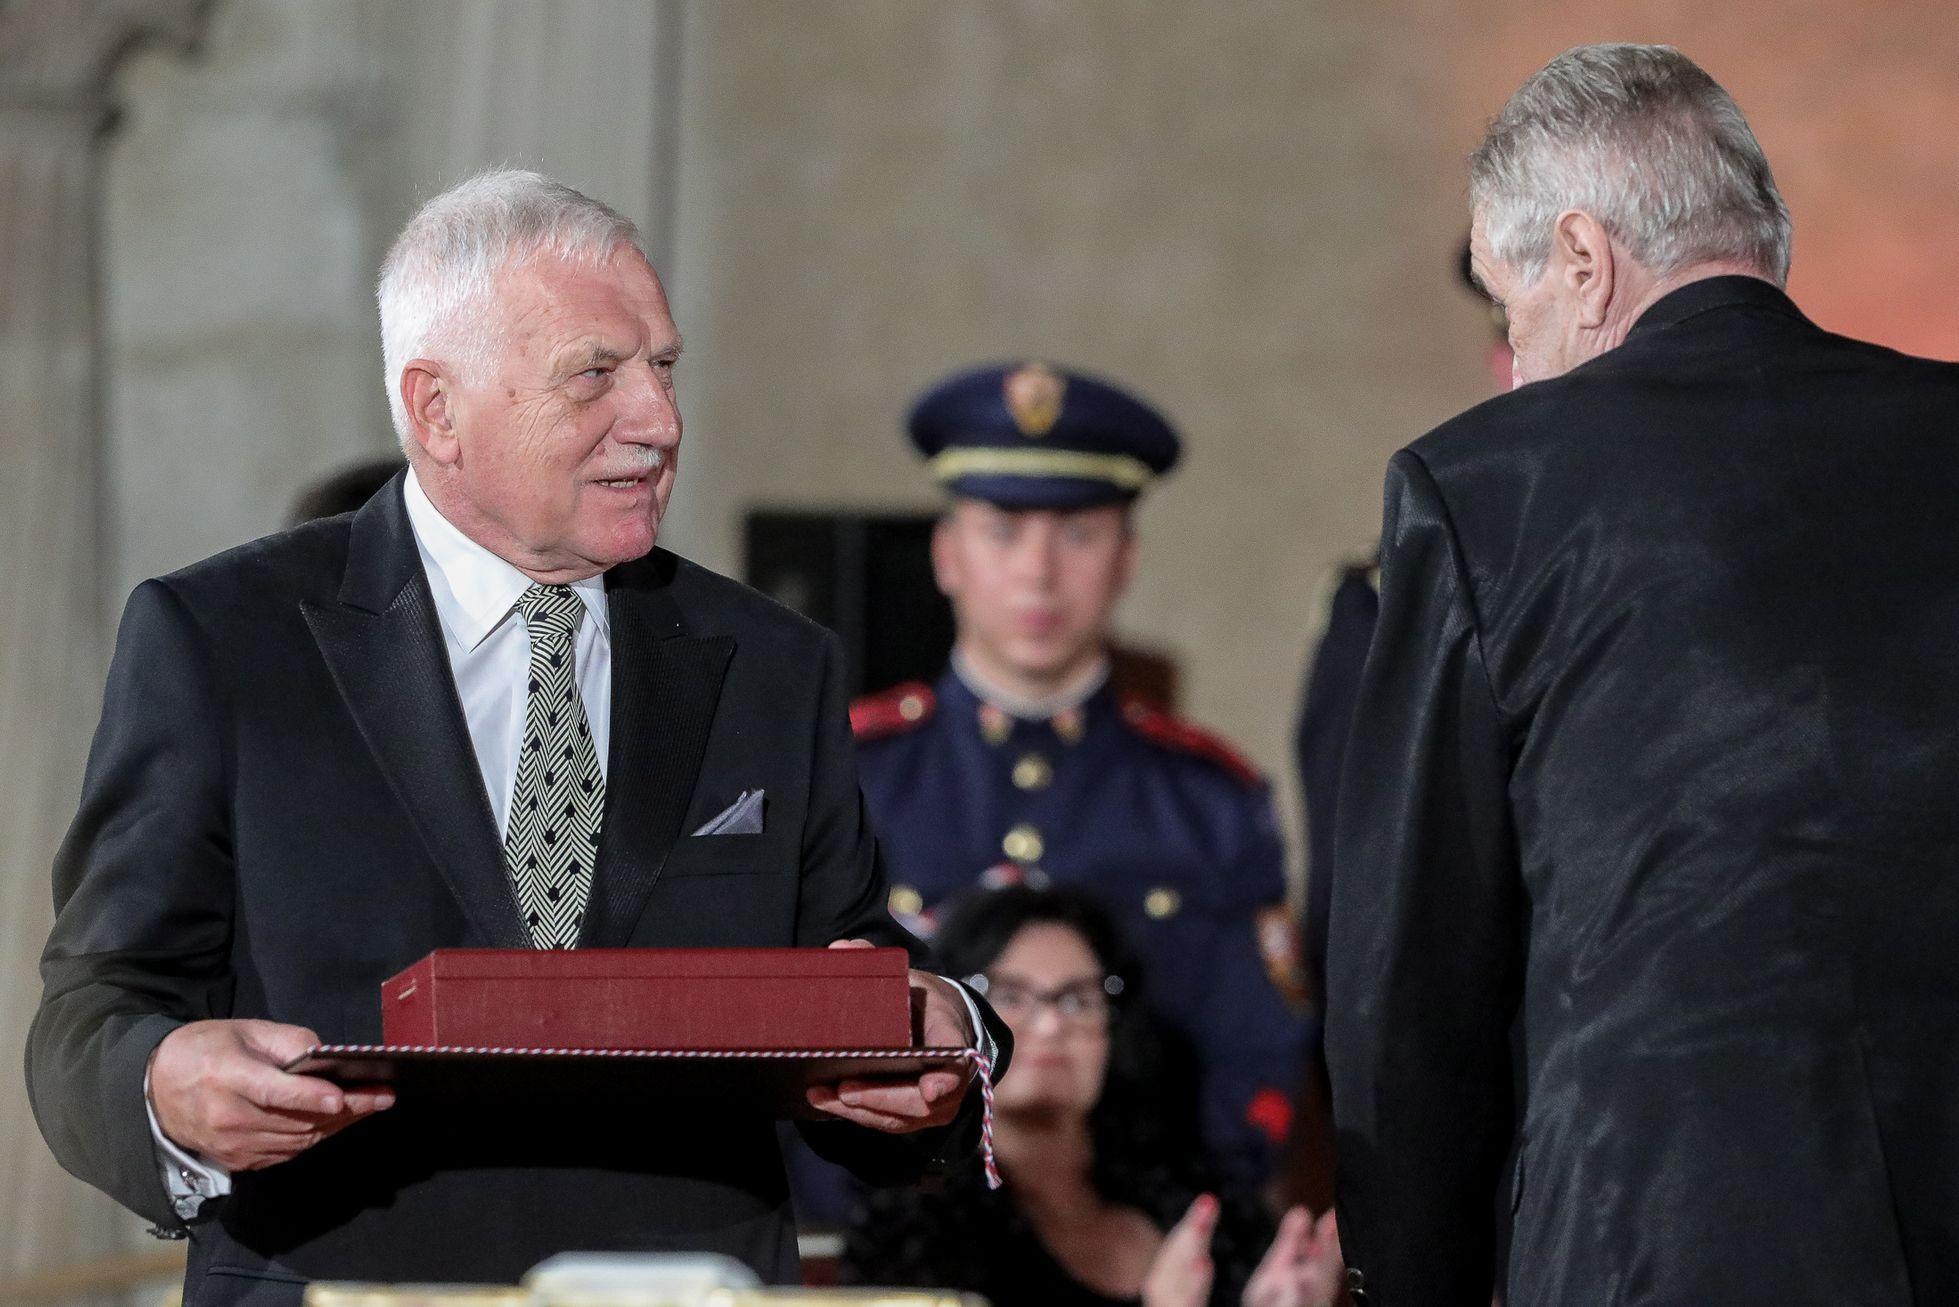 """Medaili za """"zvláště vynikající zásluhy o stát v oblasti politiky"""" obdržel od Miloše Zemana bývalý prezident Václav Klaus."""